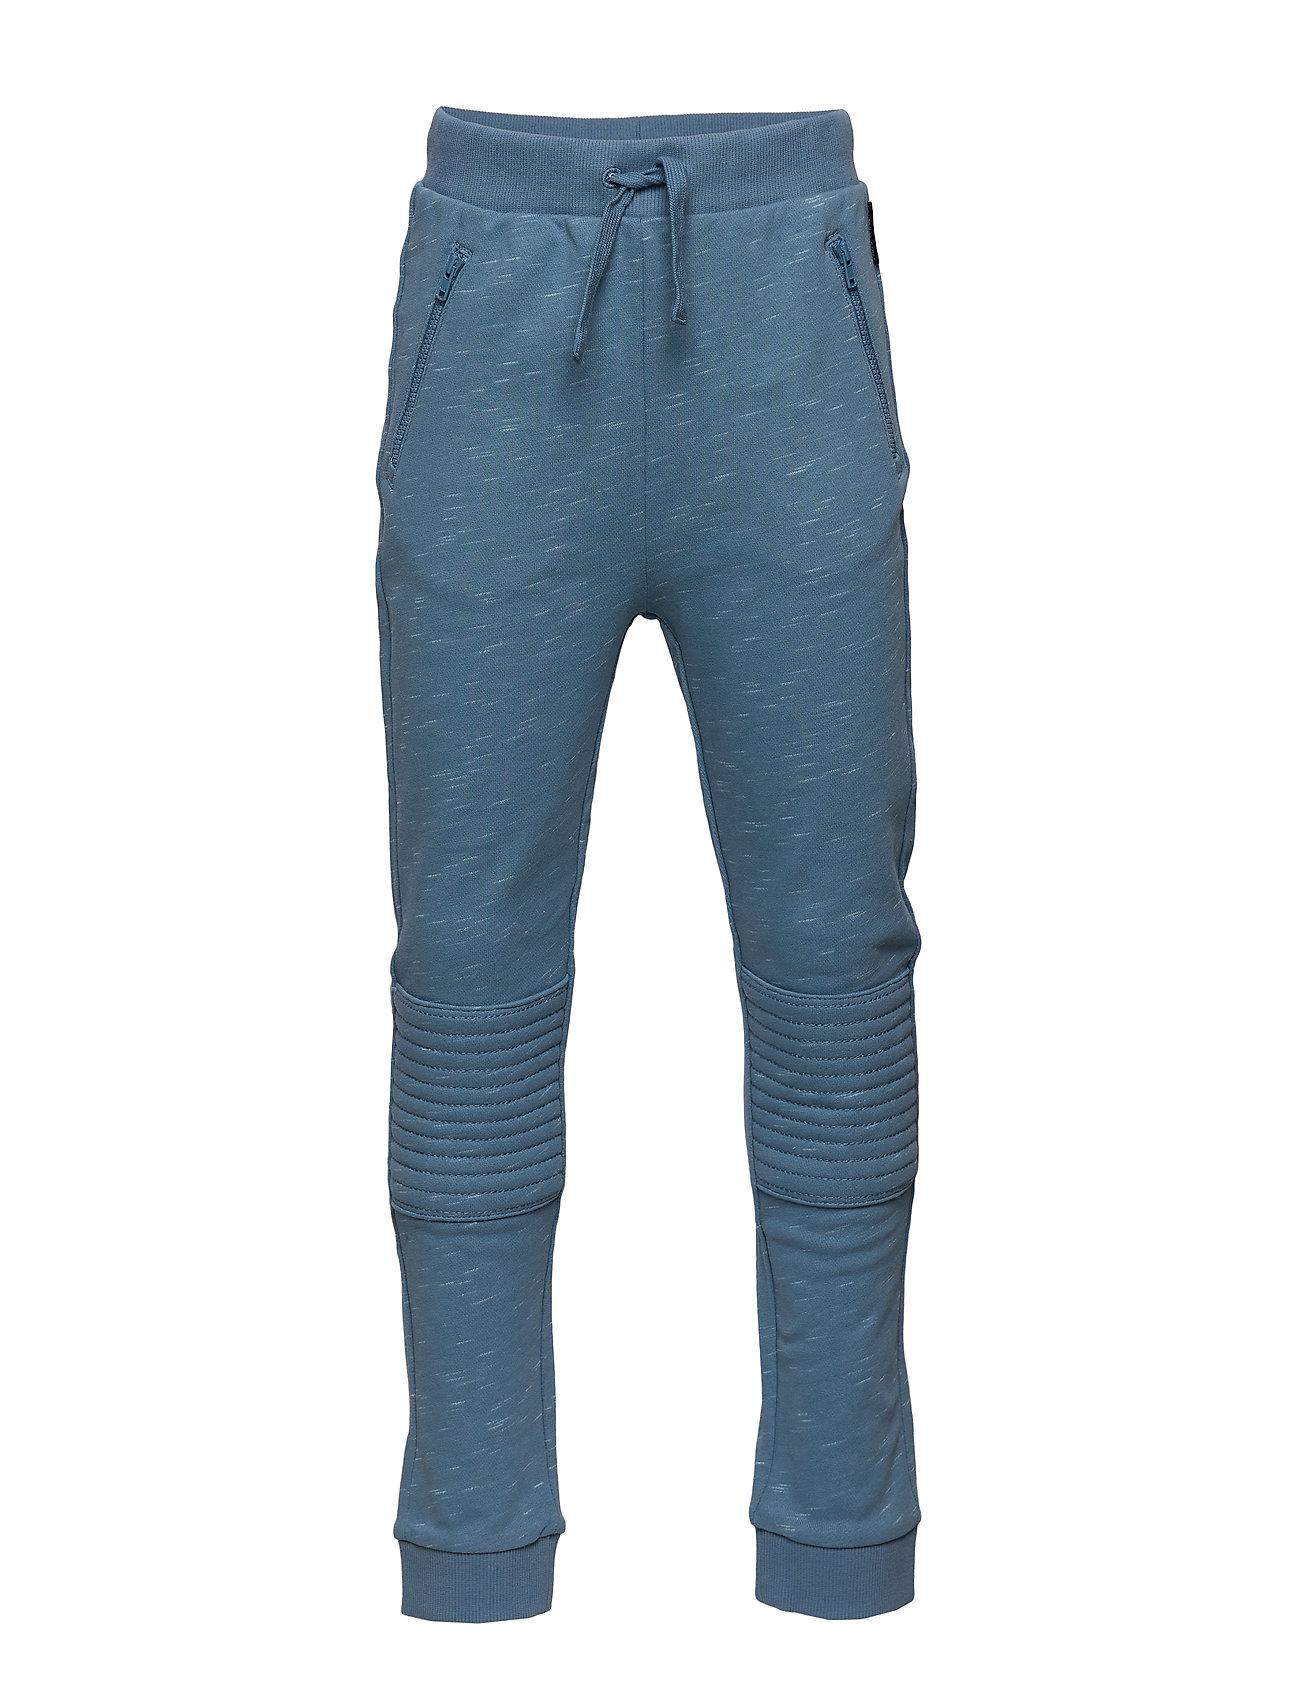 Polarn O. Pyret Trousers jersey School - BLUE HEAVEN